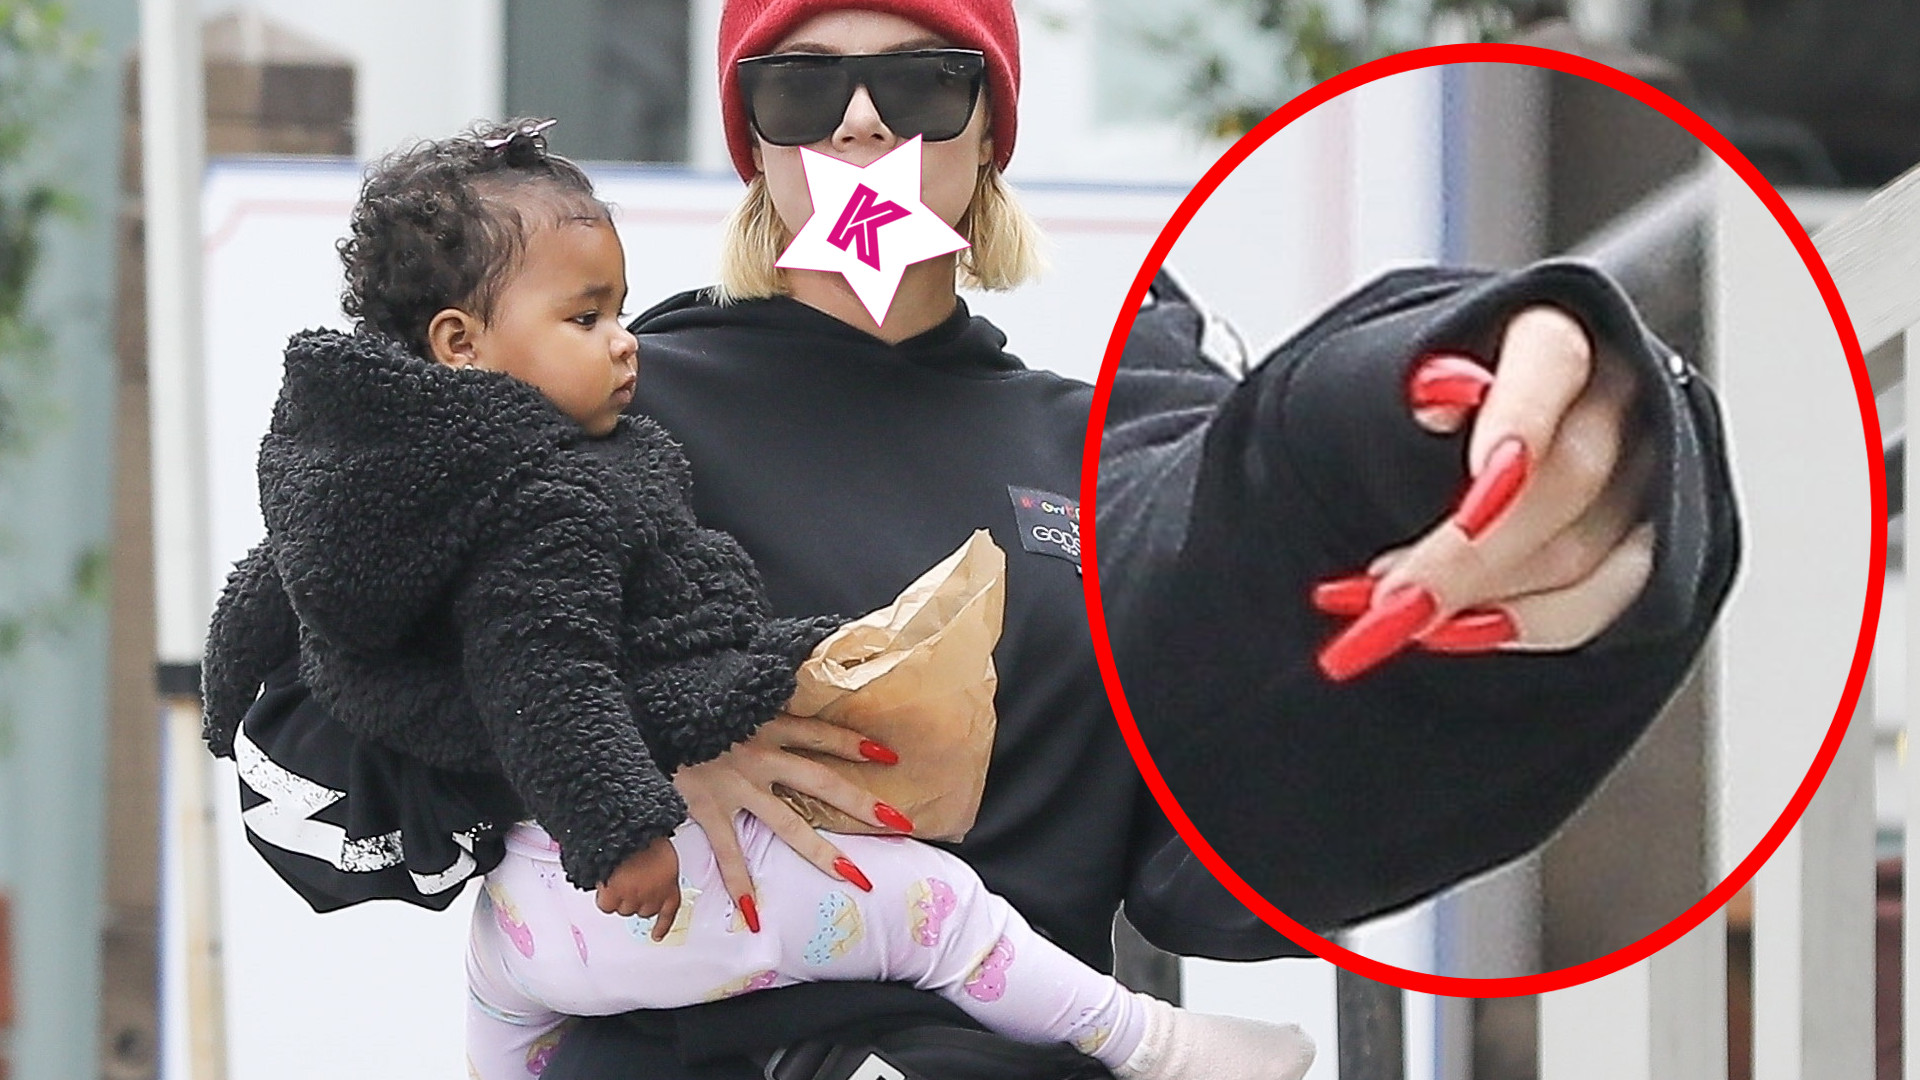 Usta Khloe Kardashian naprawdę wyglądają DZIWNIE (ZDJĘCIA)